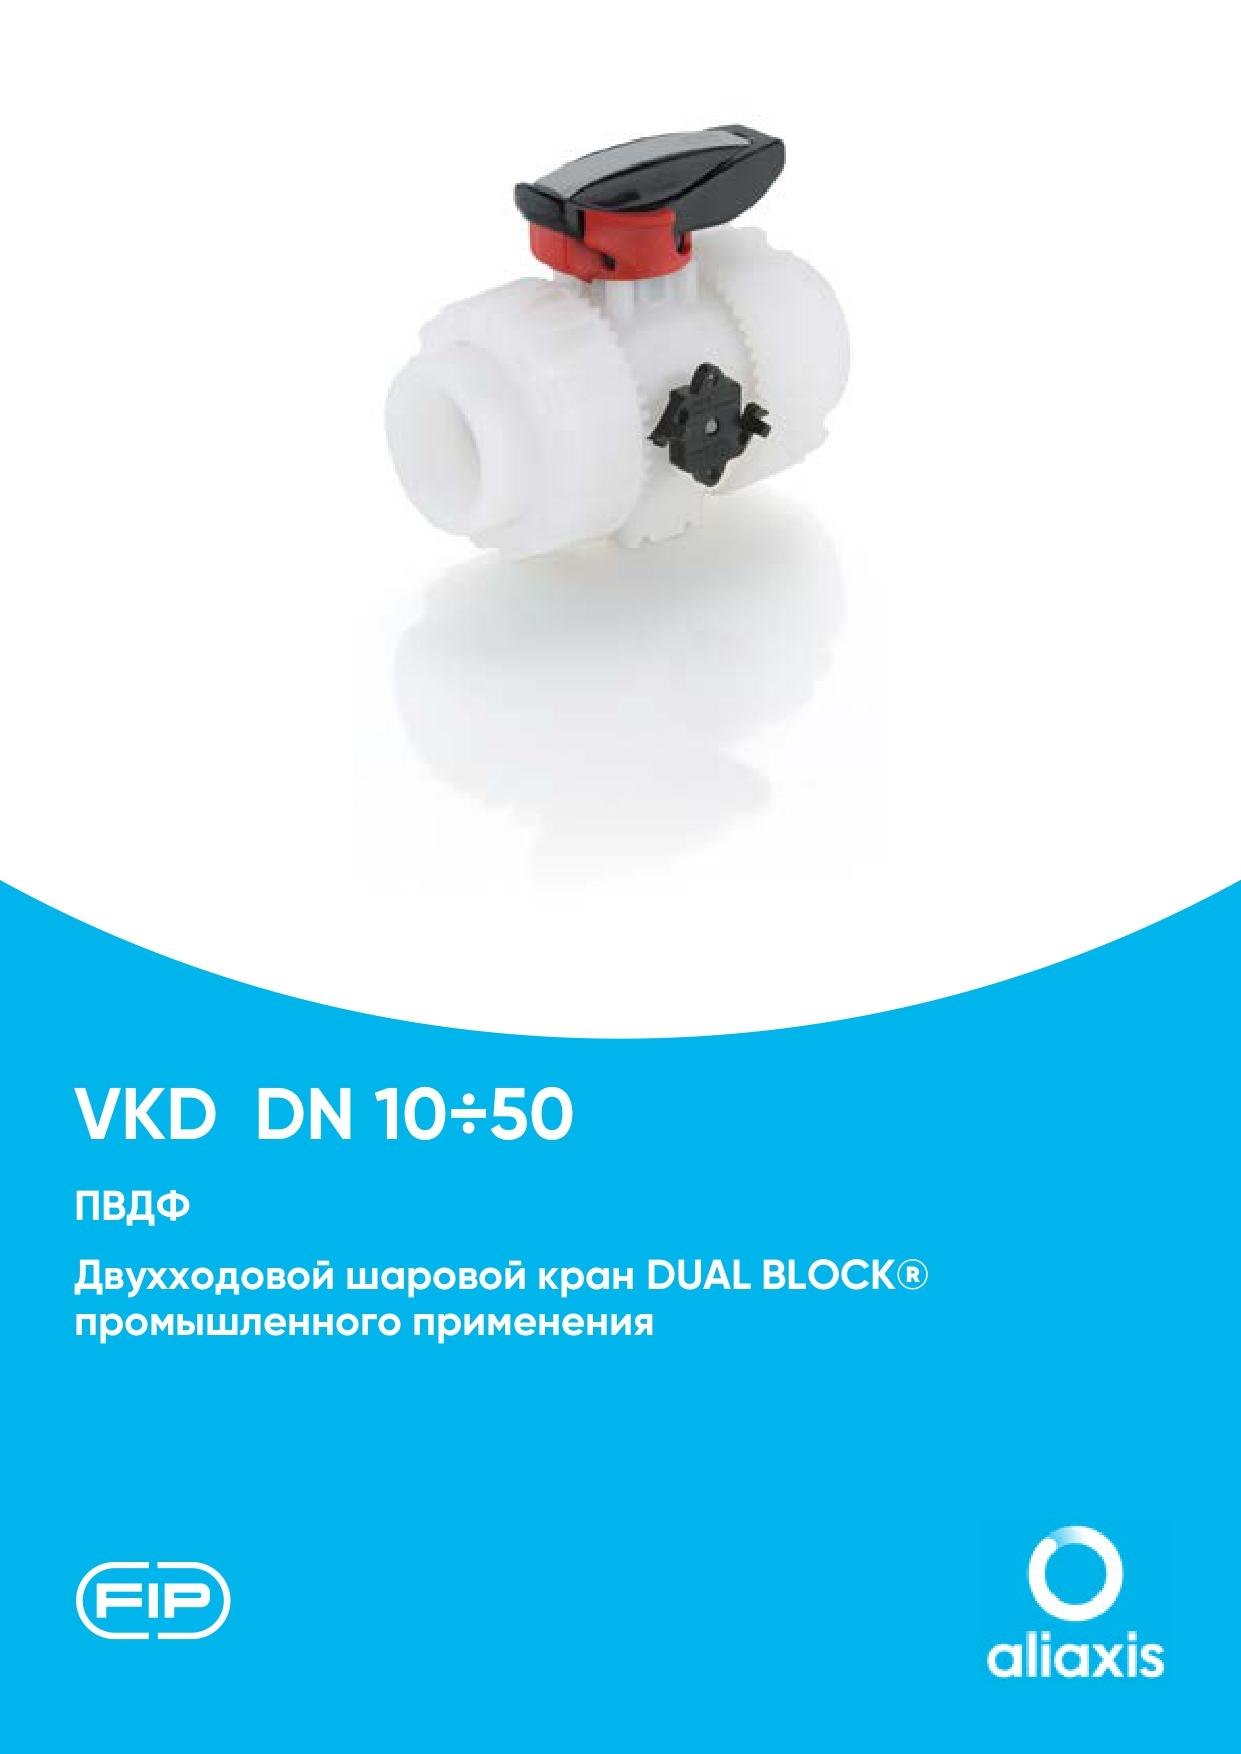 Шаровые краны VKD DN15-50 из ПВДФ